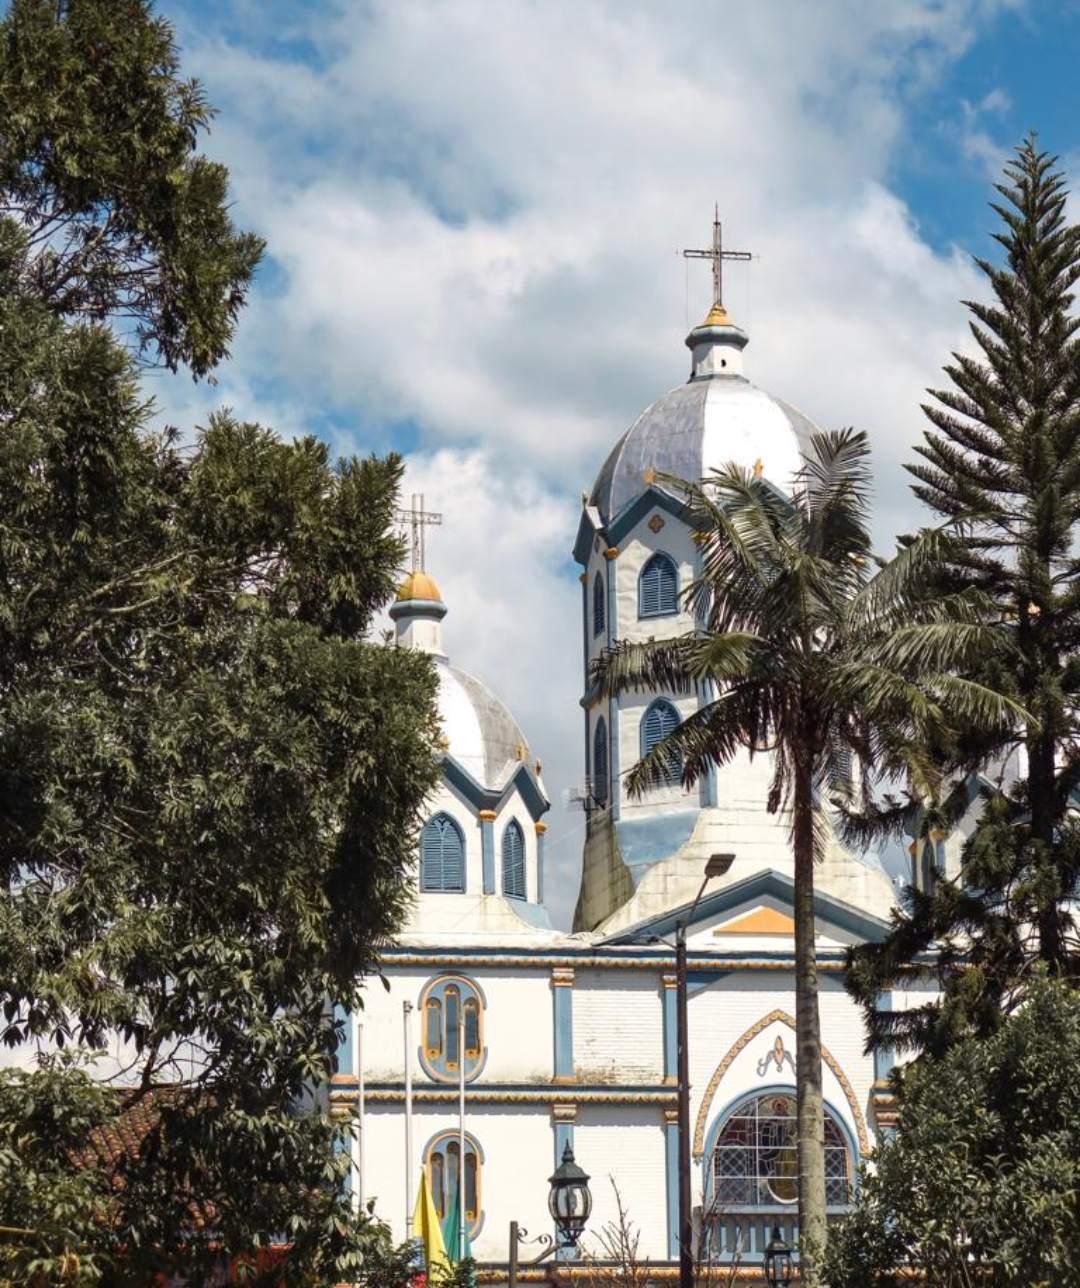 Filandia Salento Antioquia